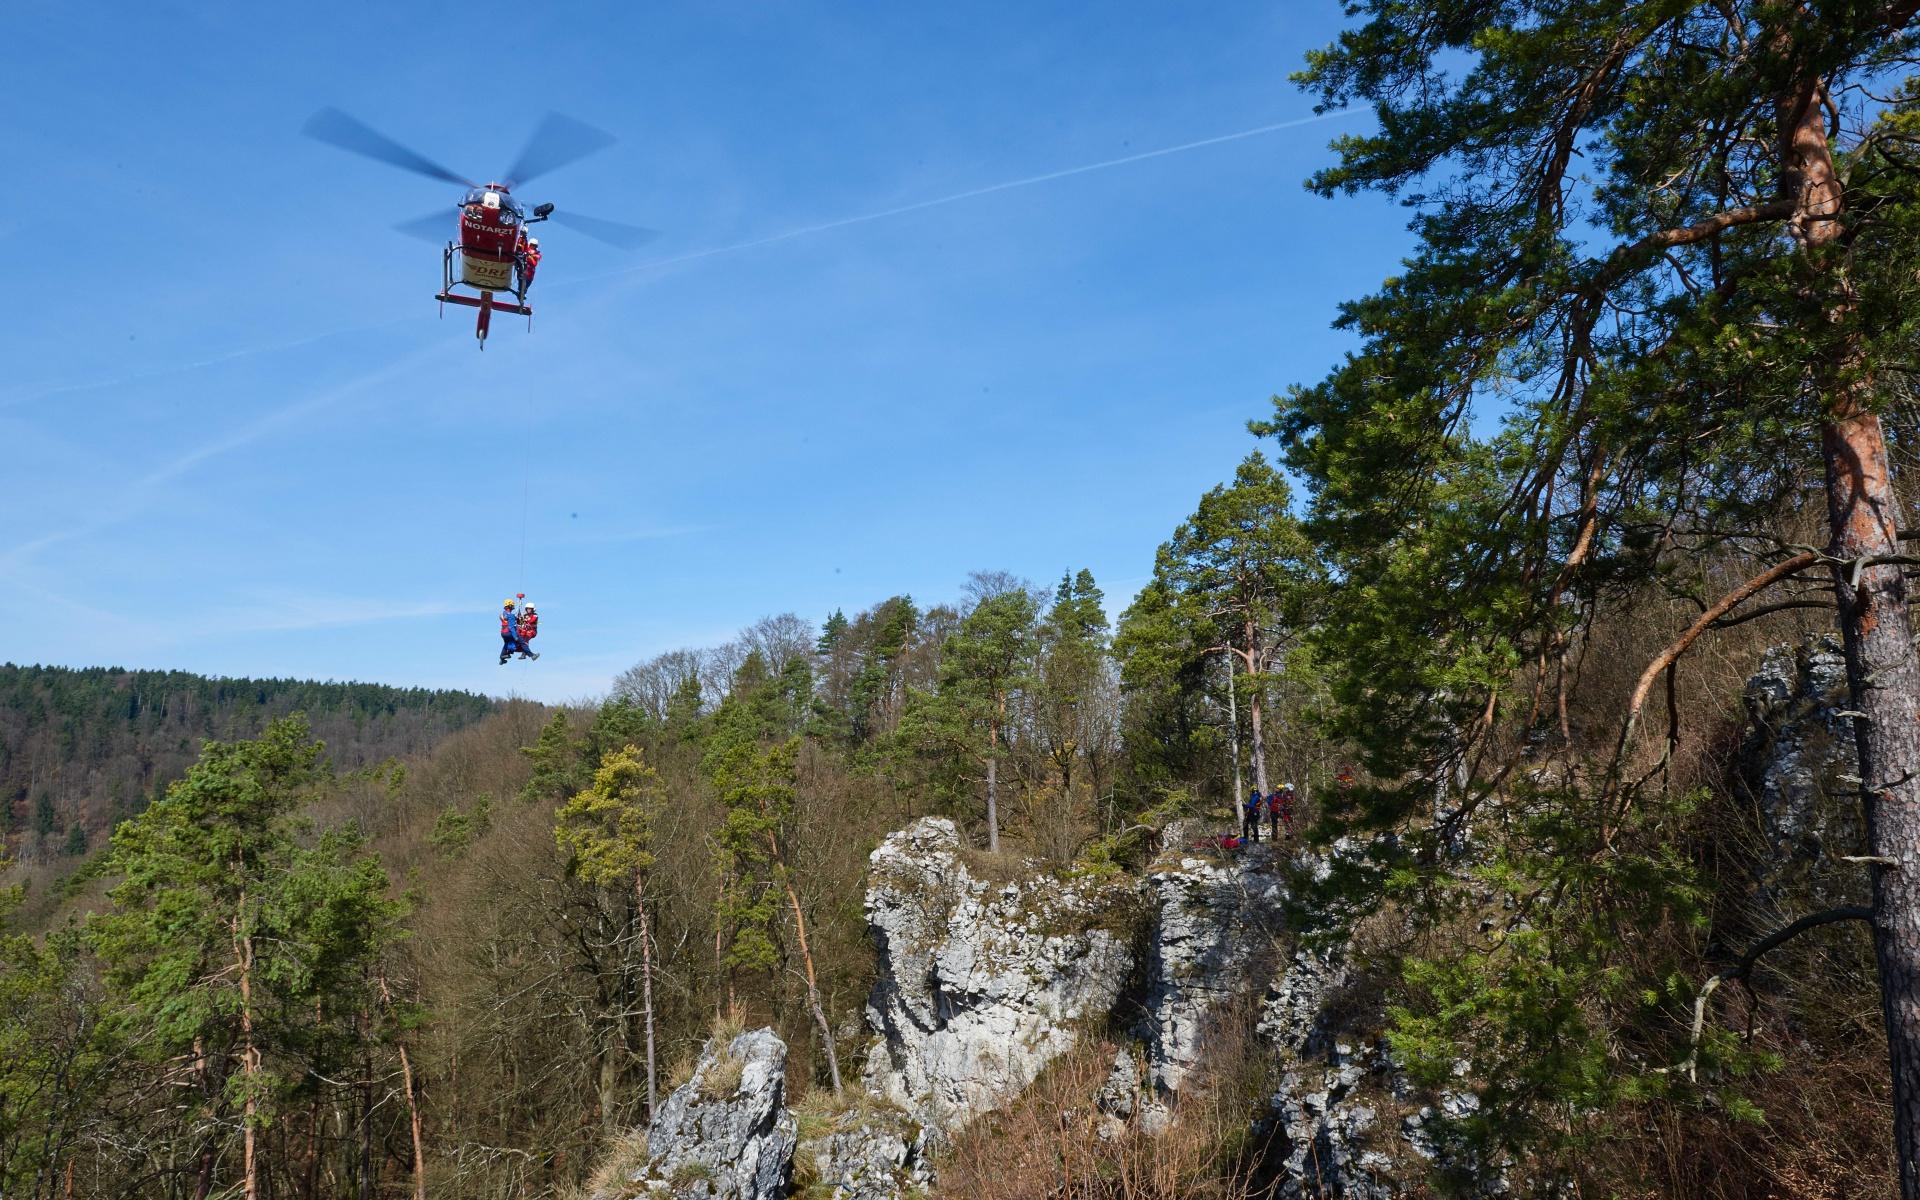 Die Rettungswinde erlaubt es, kranke oder verletzte Menschen auch in sehr unwegsamem Gelände schnell zu erreichen, notärztlich zu versorgen und auszufliegen.